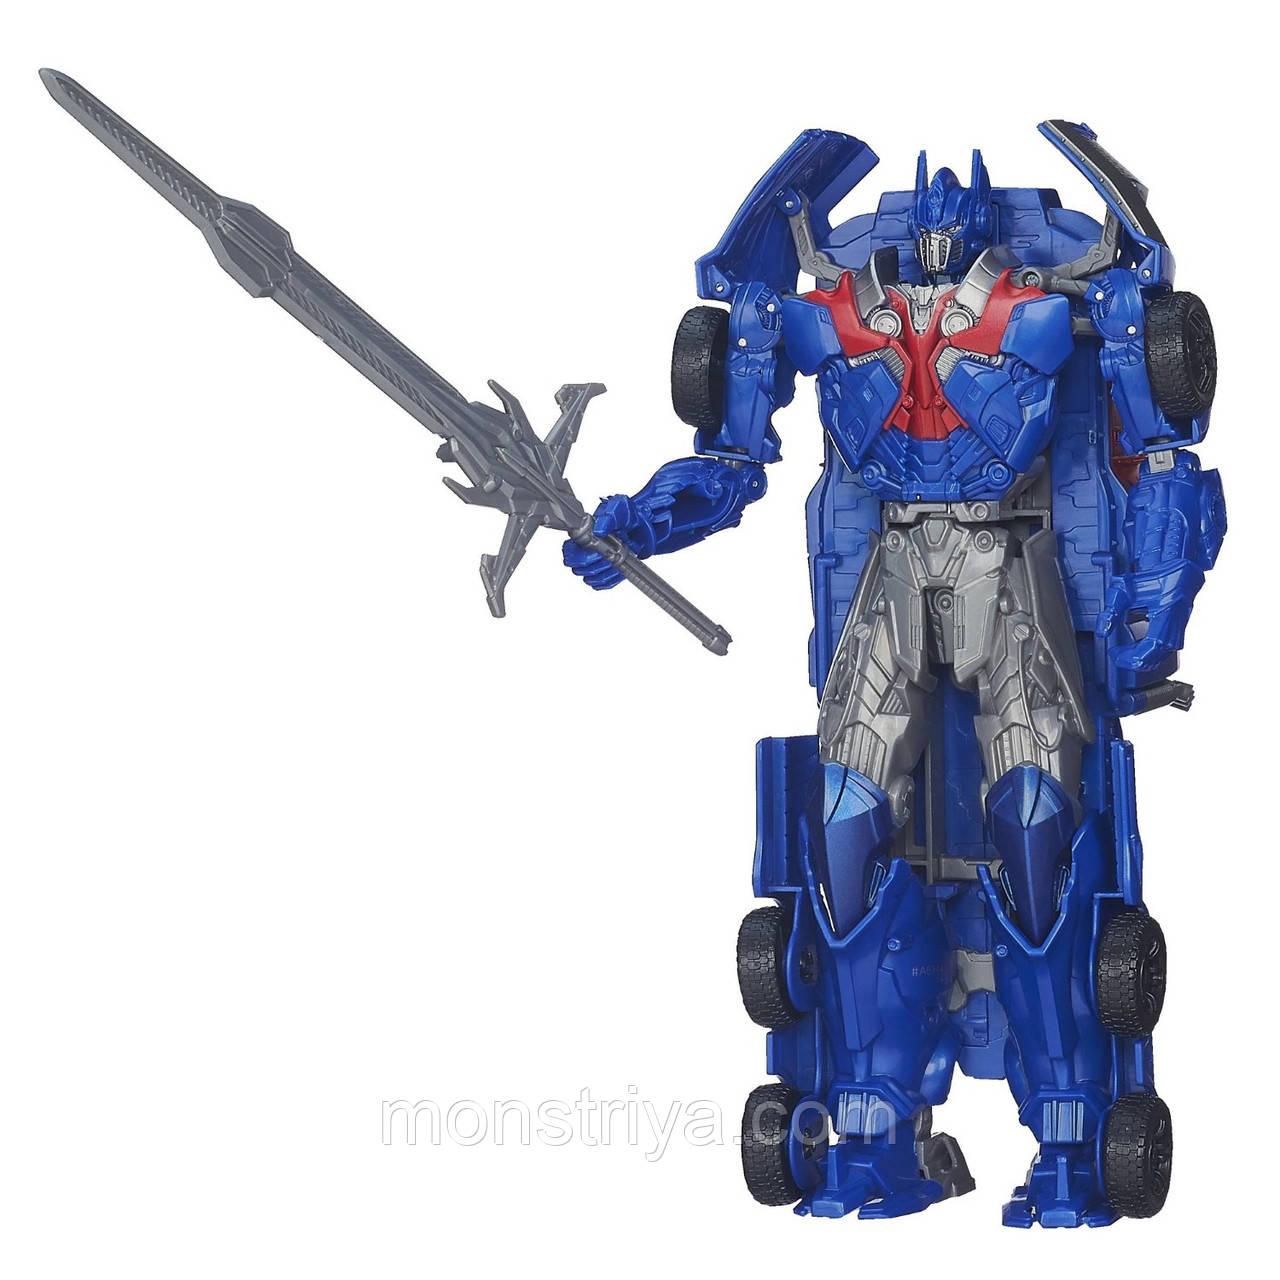 Робот Трансформер 4 Transformers: Age of Extinction Flip and Change Вращай и меняй !Optimus Prime, фото 1